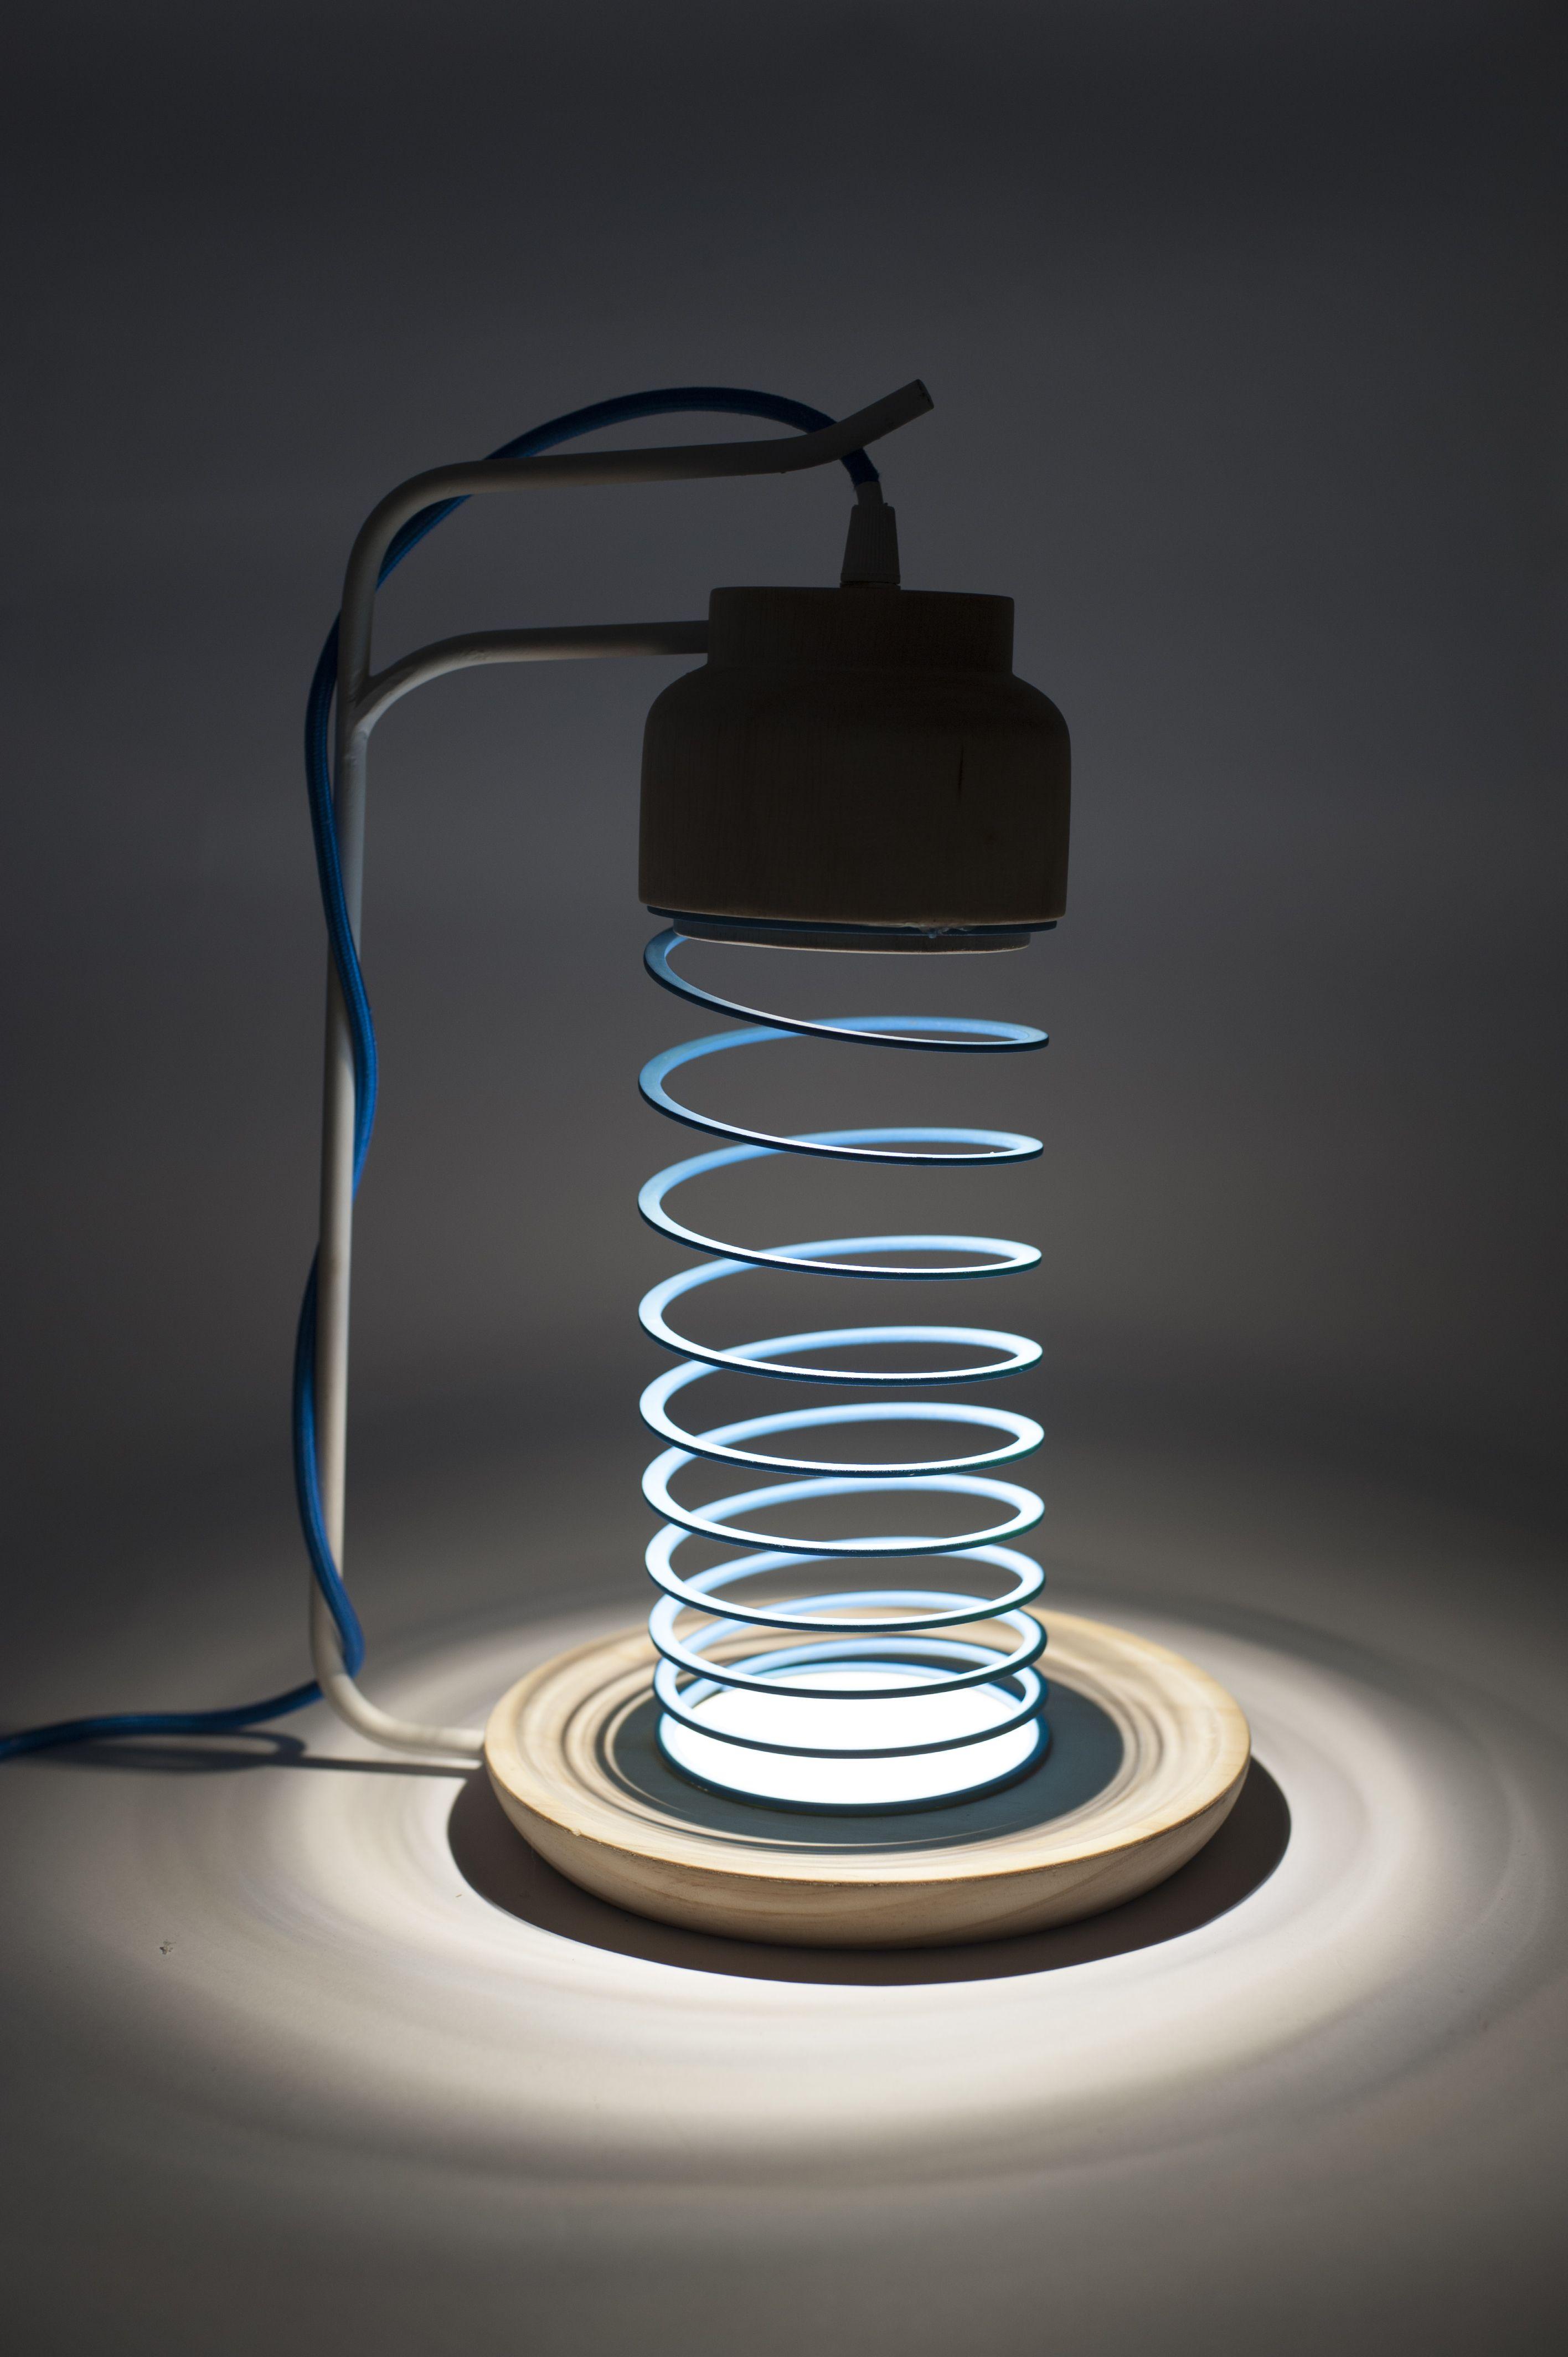 Rizo lamp by Guillem Pérez García